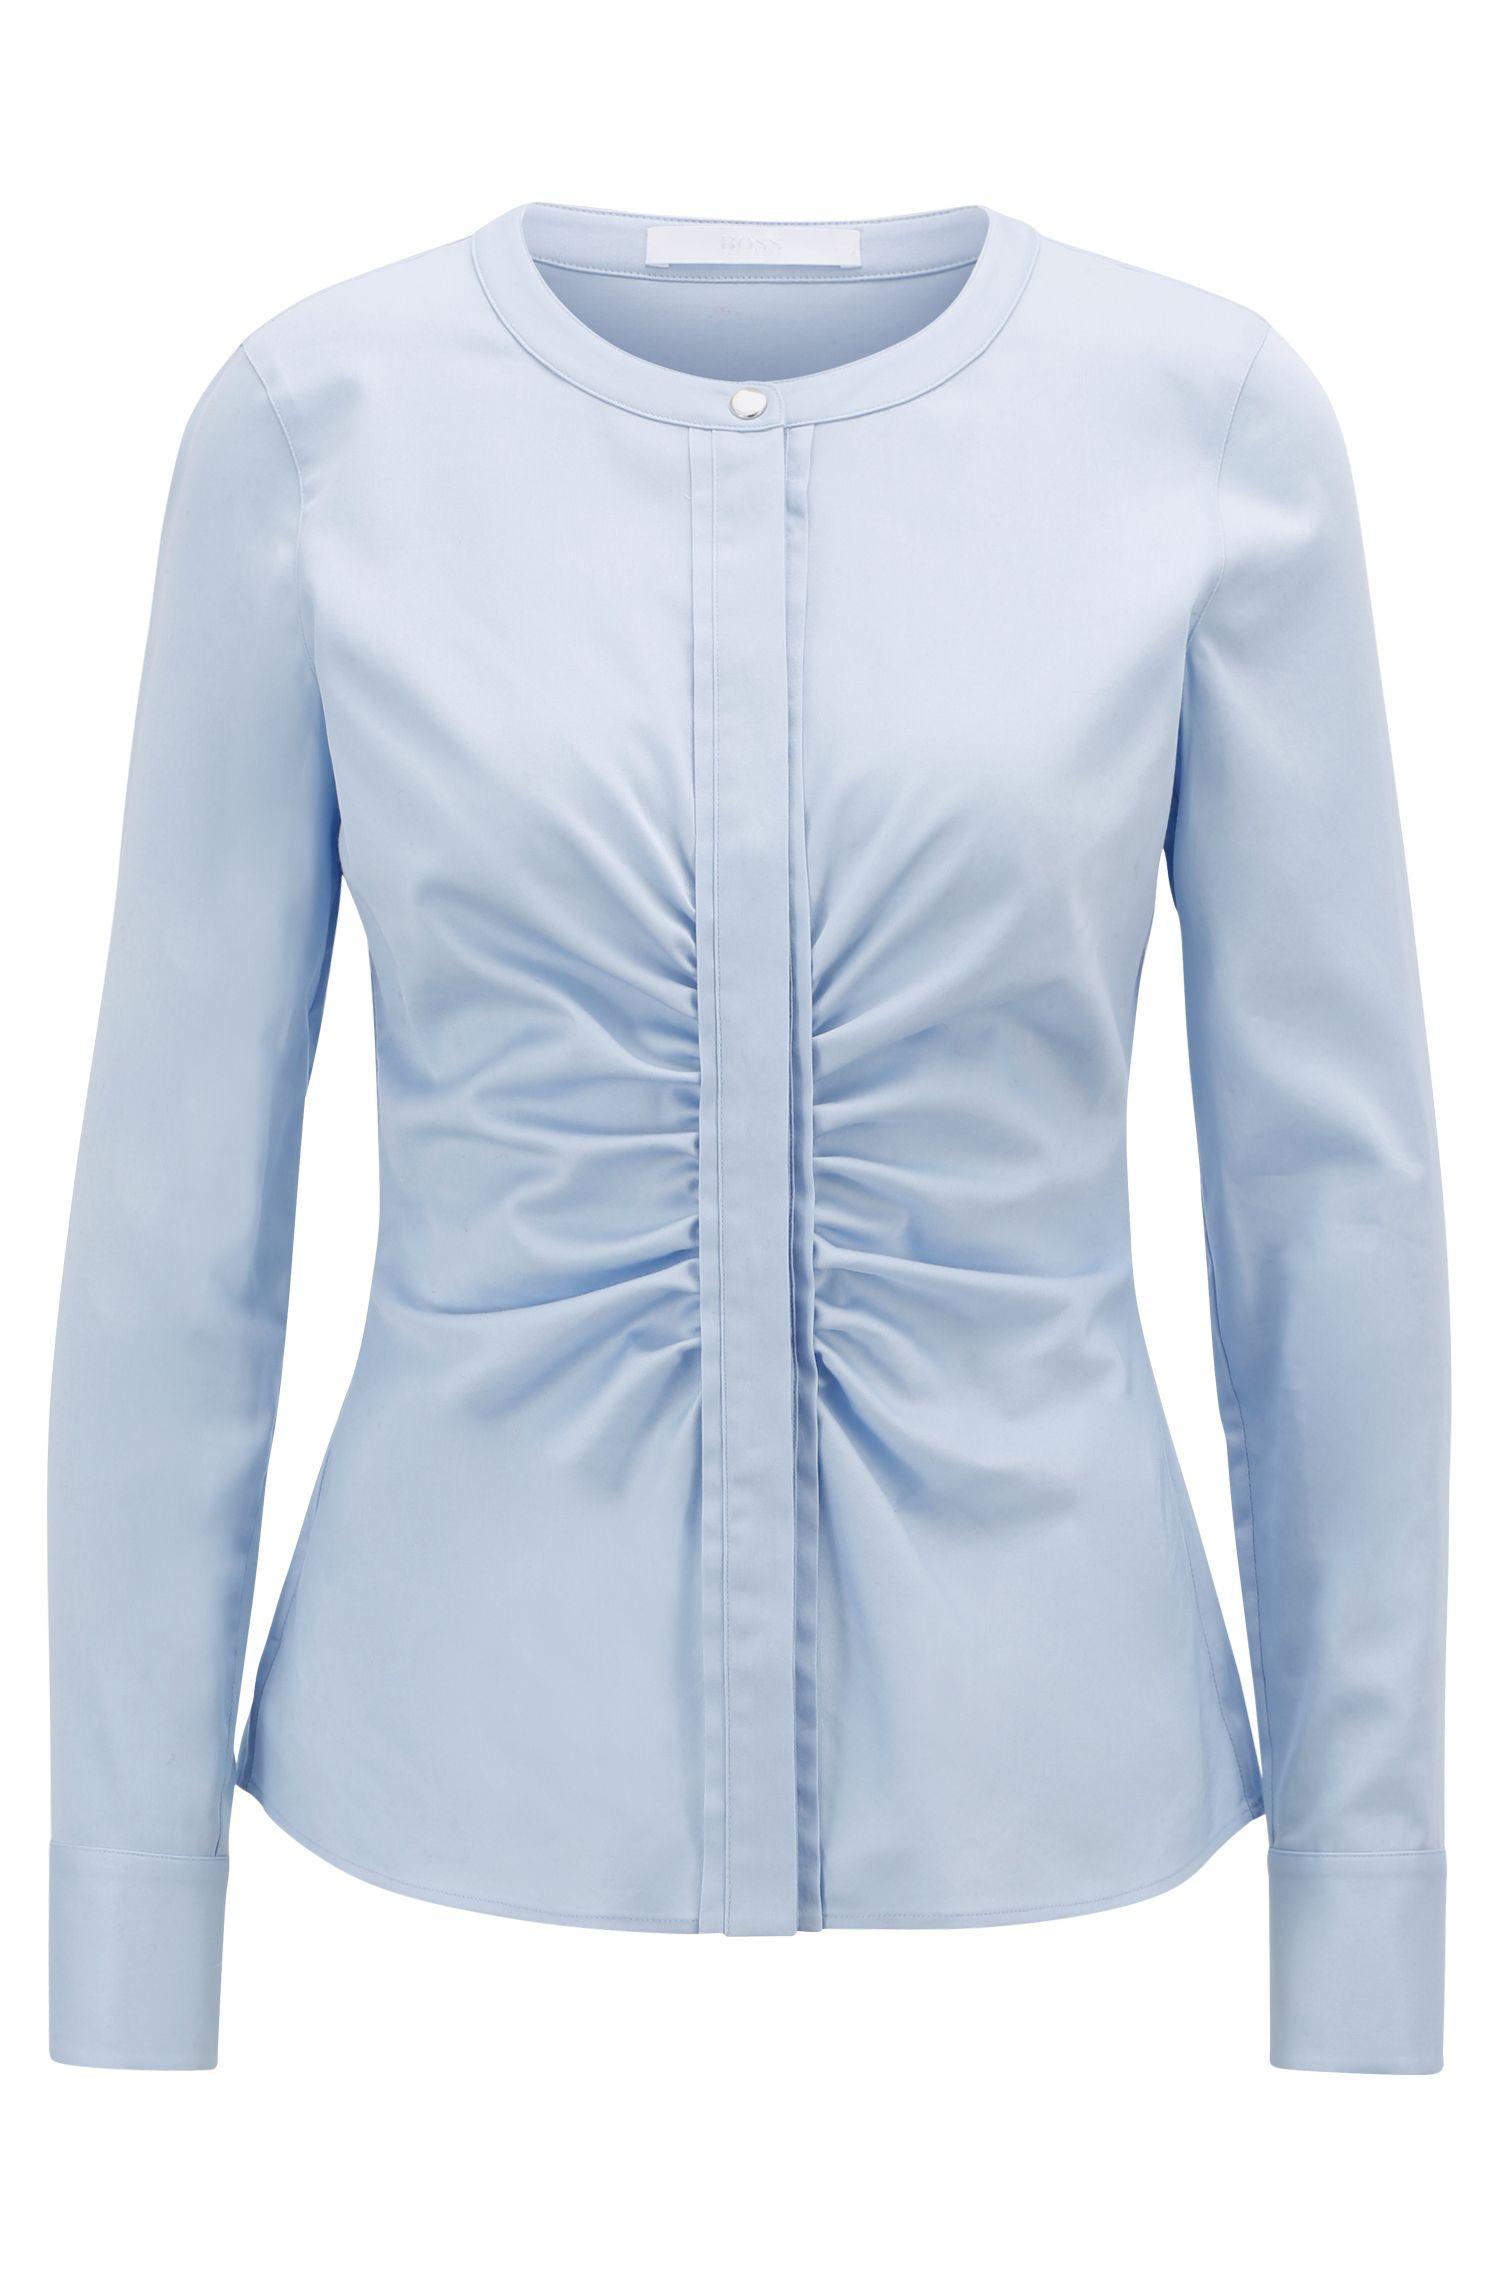 Kragenlose Bluse aus Stretch-Satin mit gerafften Details, Hellblau